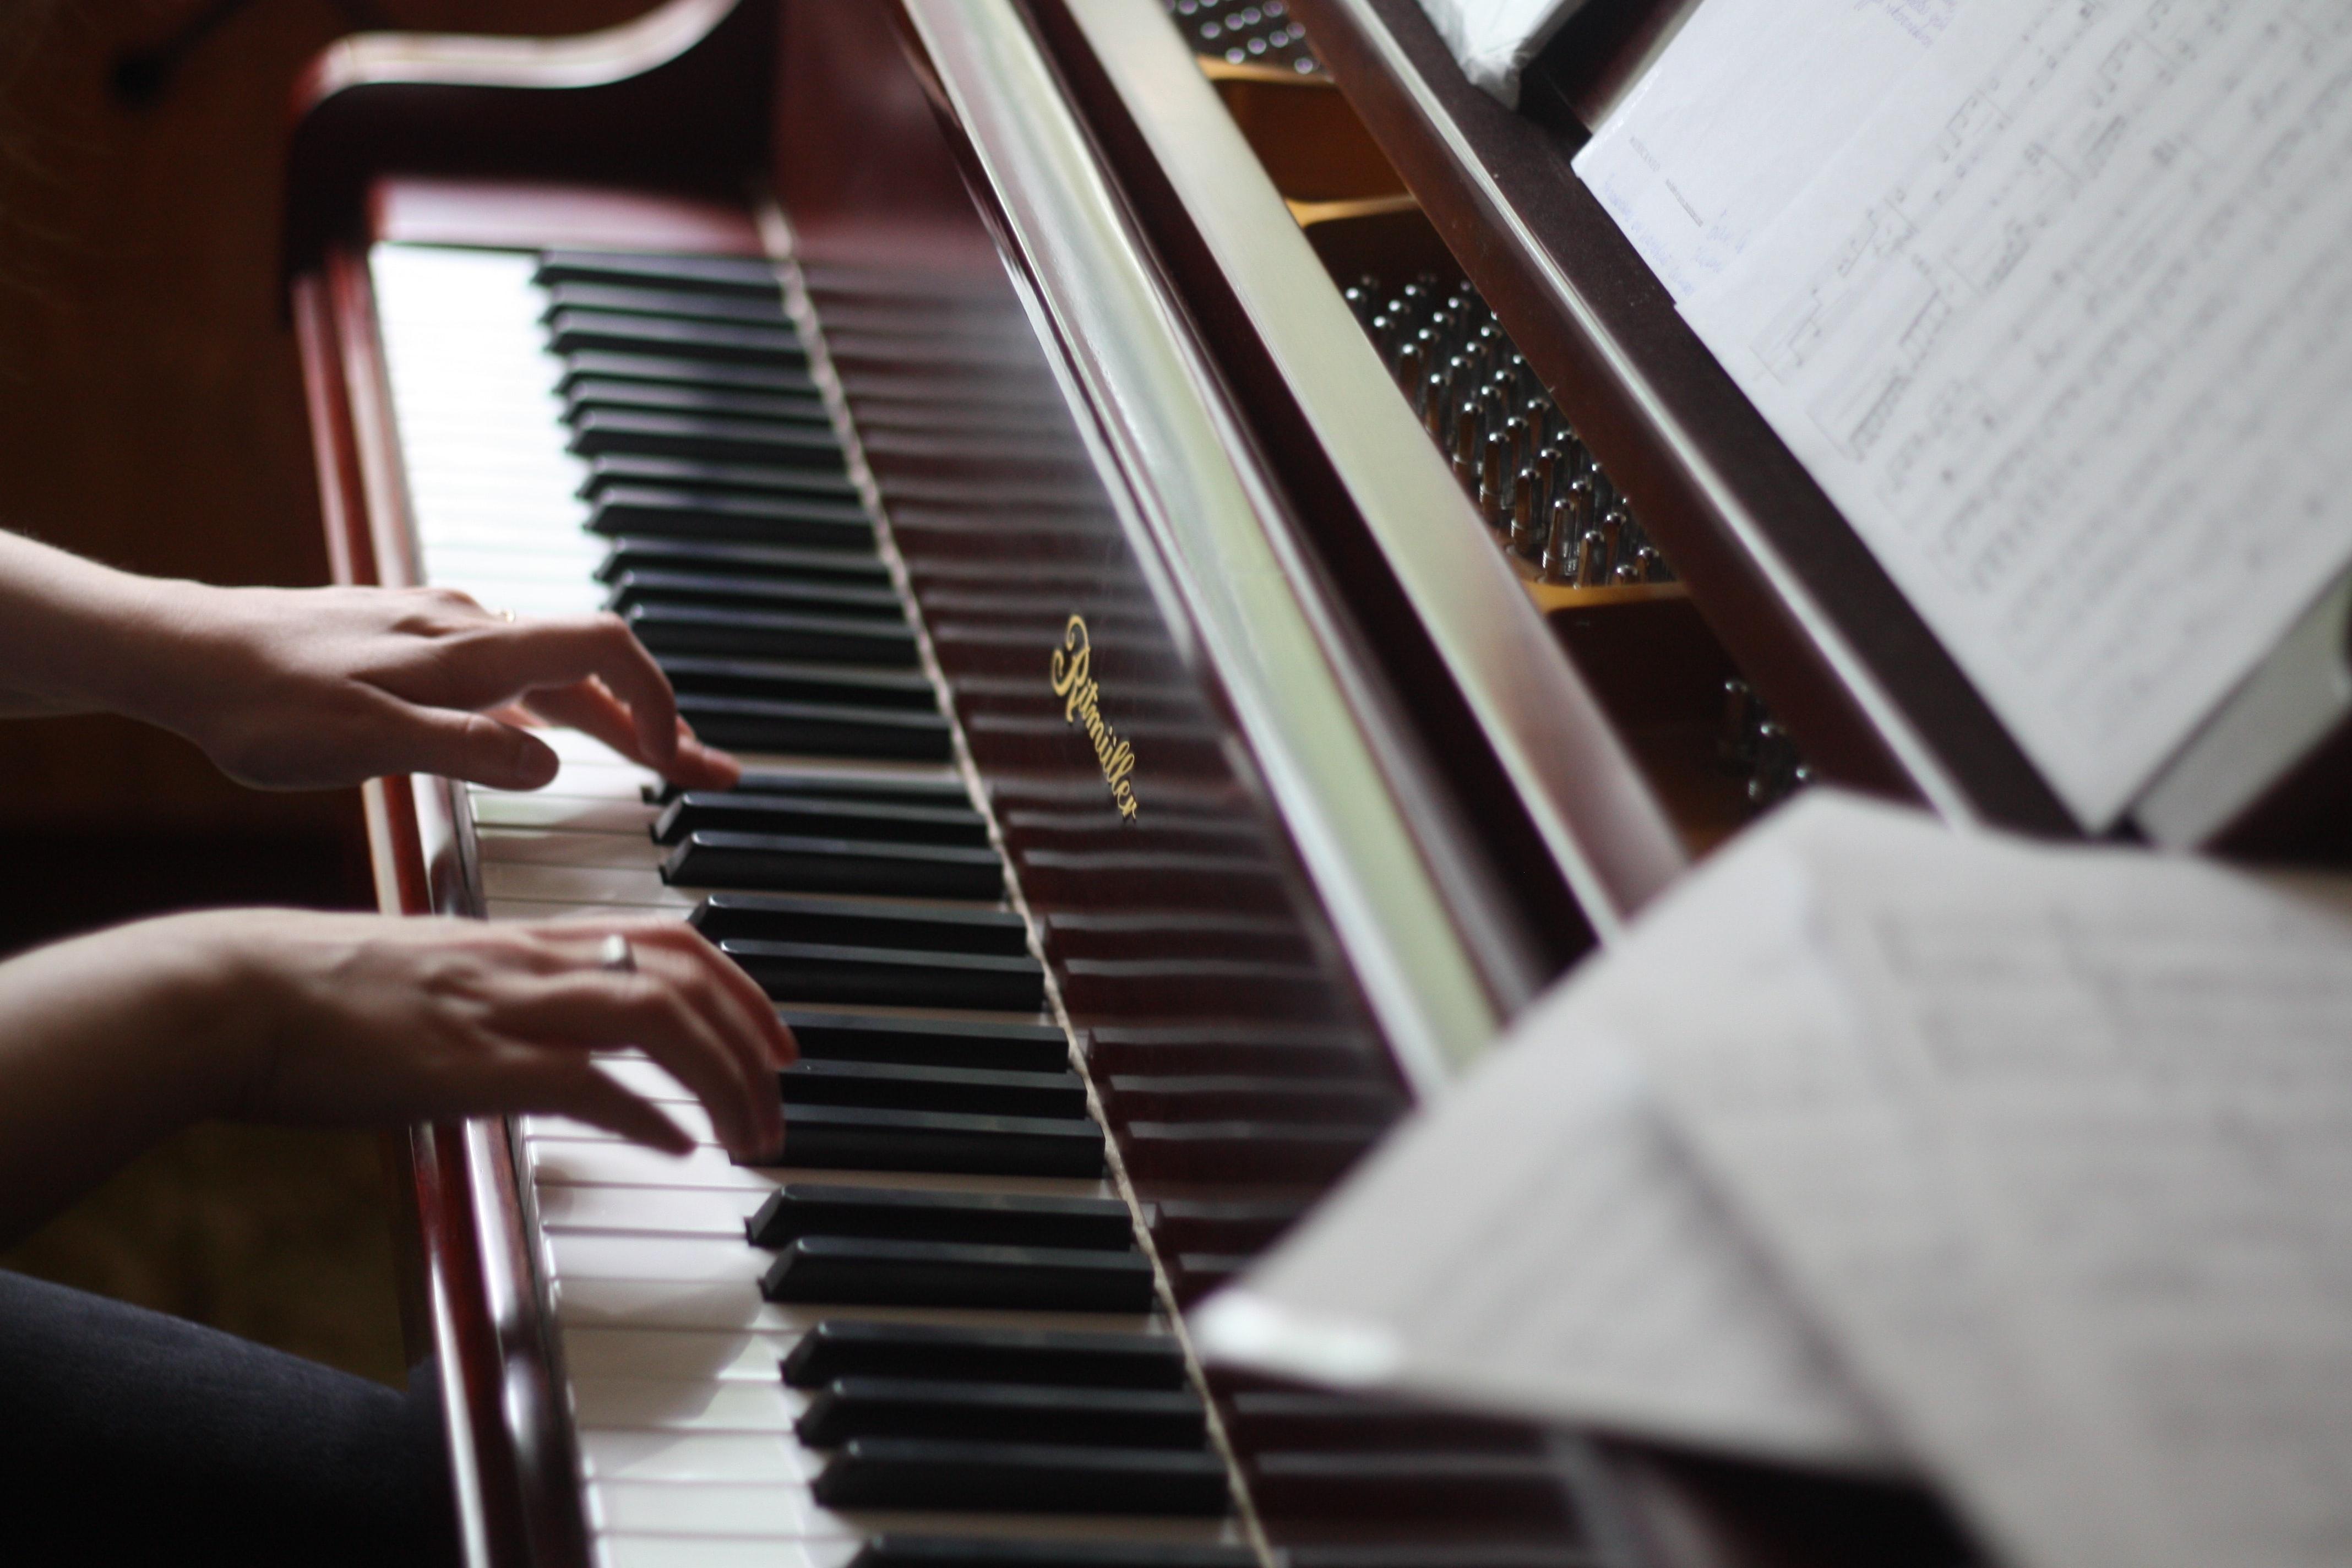 Não existe Harmonia de uma nota só ou só de notas isoladas